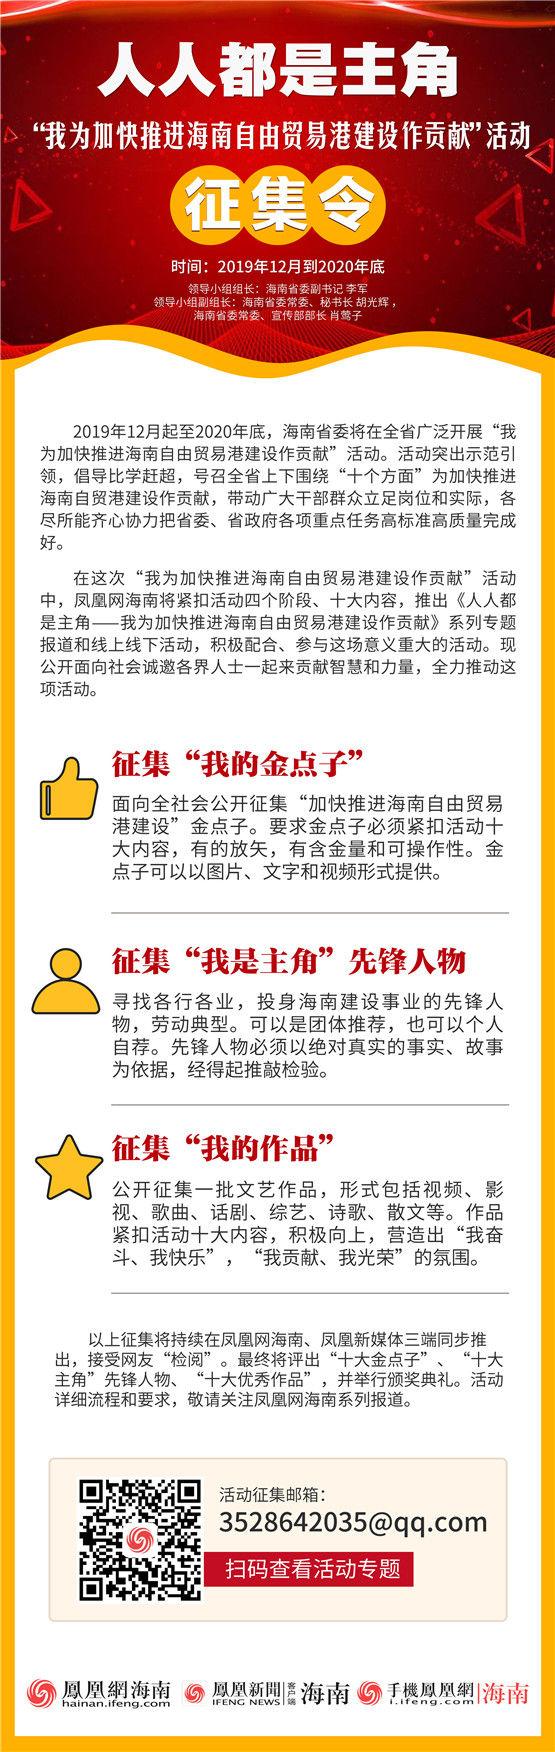 谈政事㊸│海南自贸港100天之际,广东省党政代表团考察海南意义特殊寓意深刻